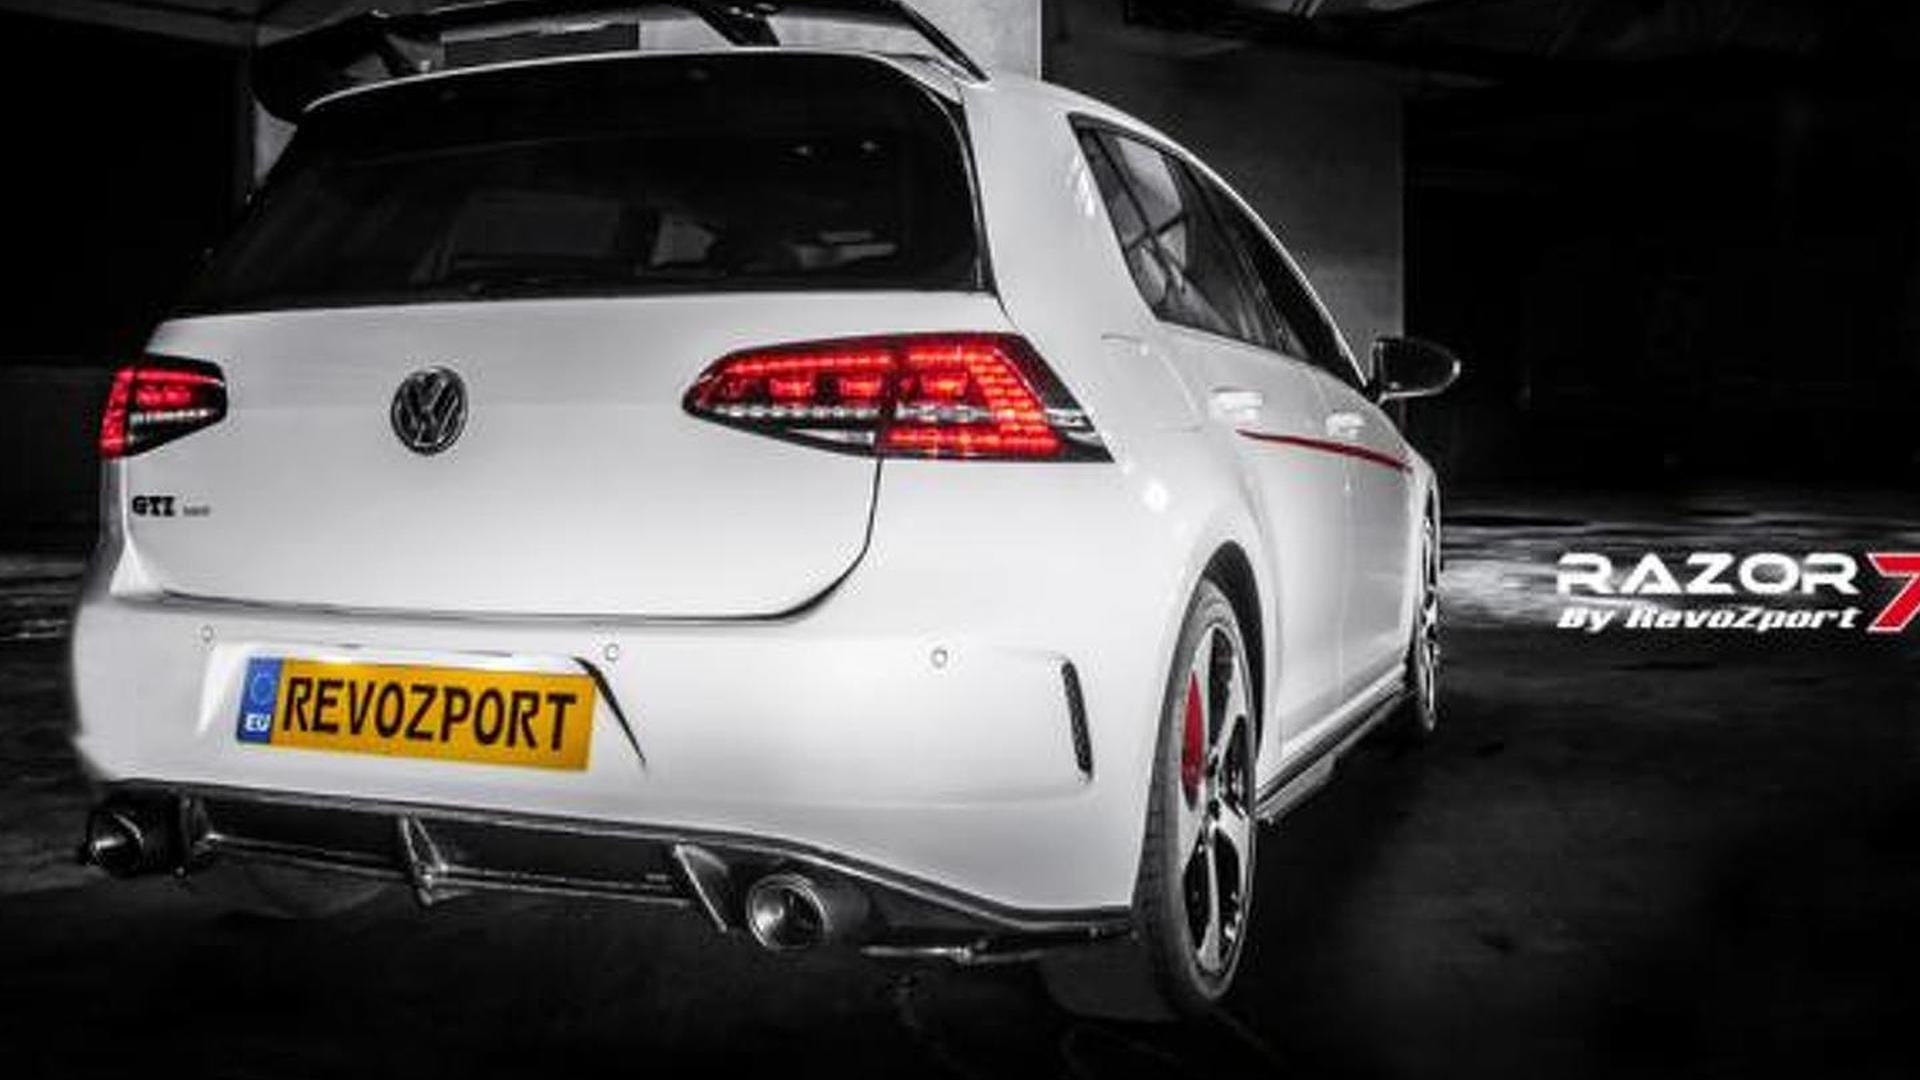 Тюнинг Volkswagen Golf GTI. Обвес от RevoZport